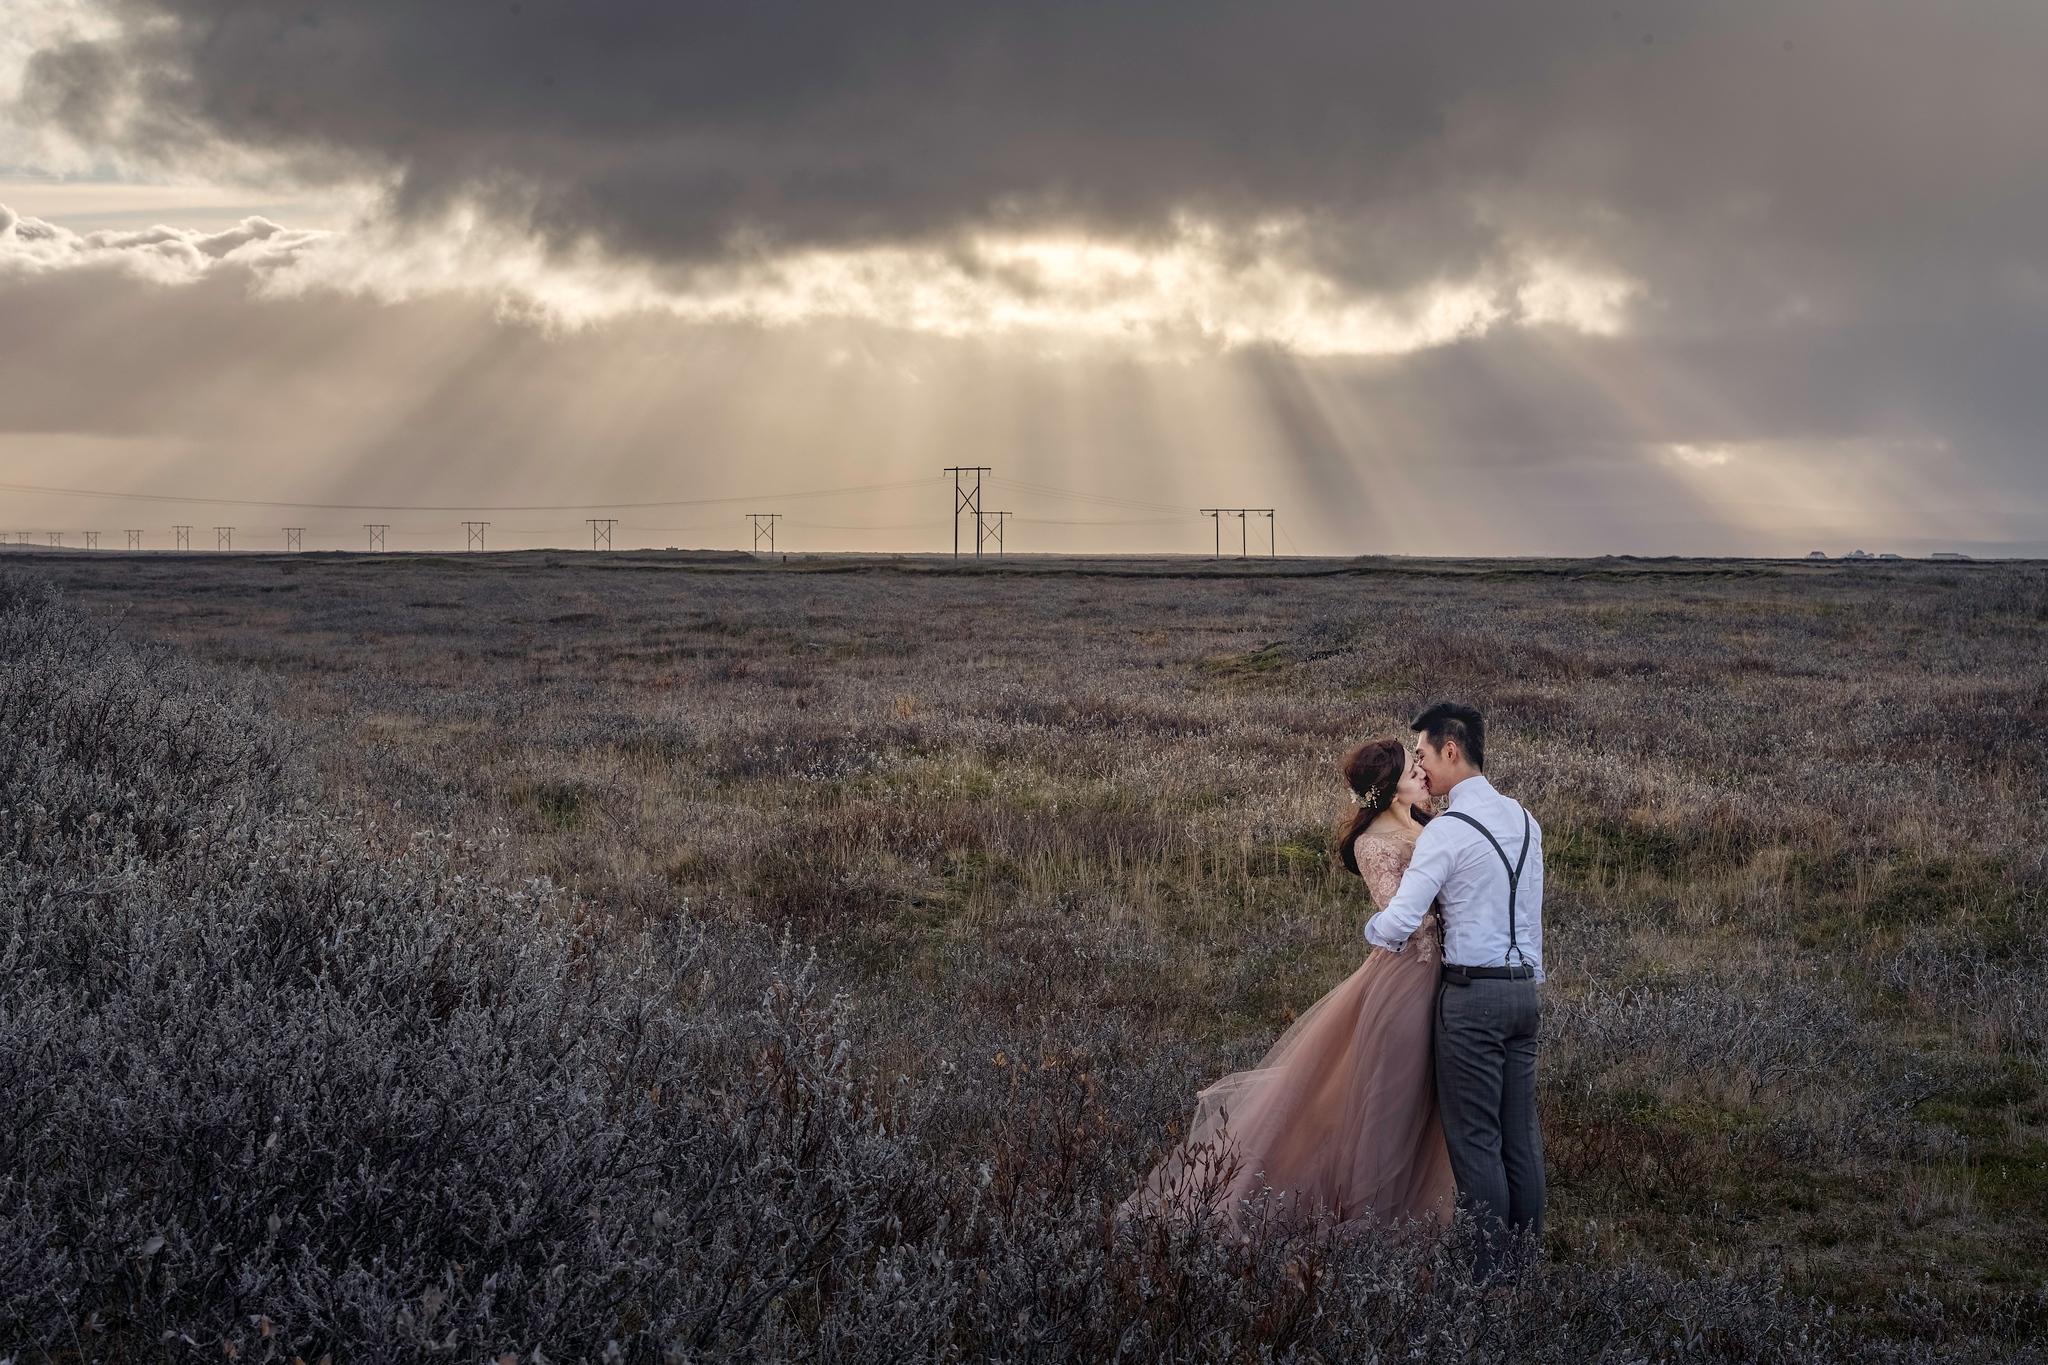 冰島攻略, 冰島婚紗, Donfer, Iceland Pre-Wedding, 冰島懶人包